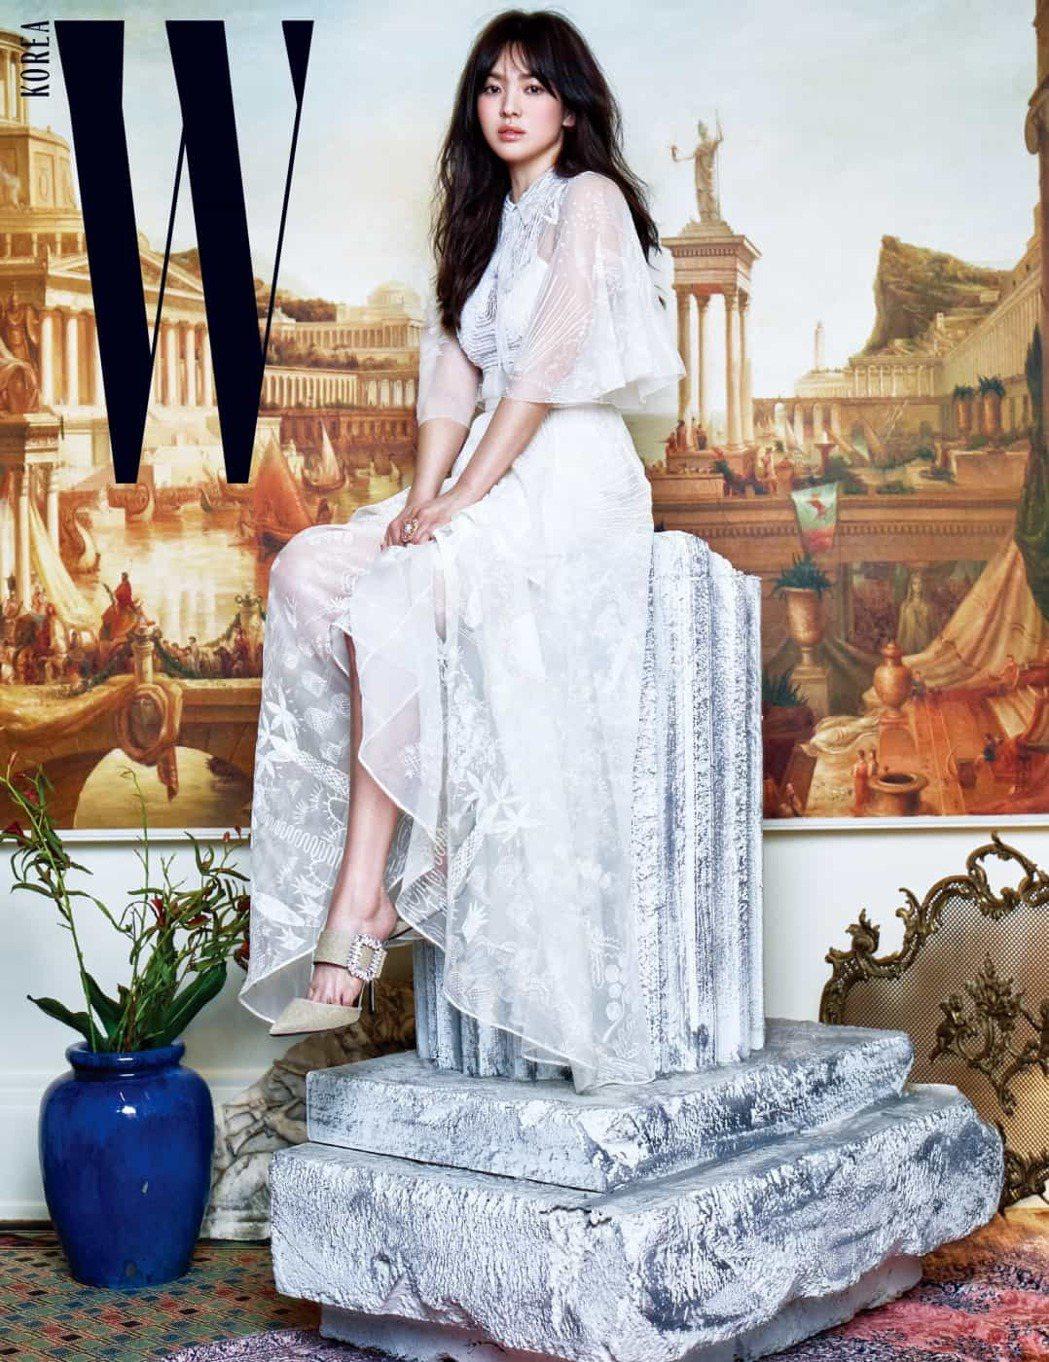 宋慧喬穿VALENTINO 2017春夏洋裝拍攝雜誌照片,相當浪漫。圖/取自pi...